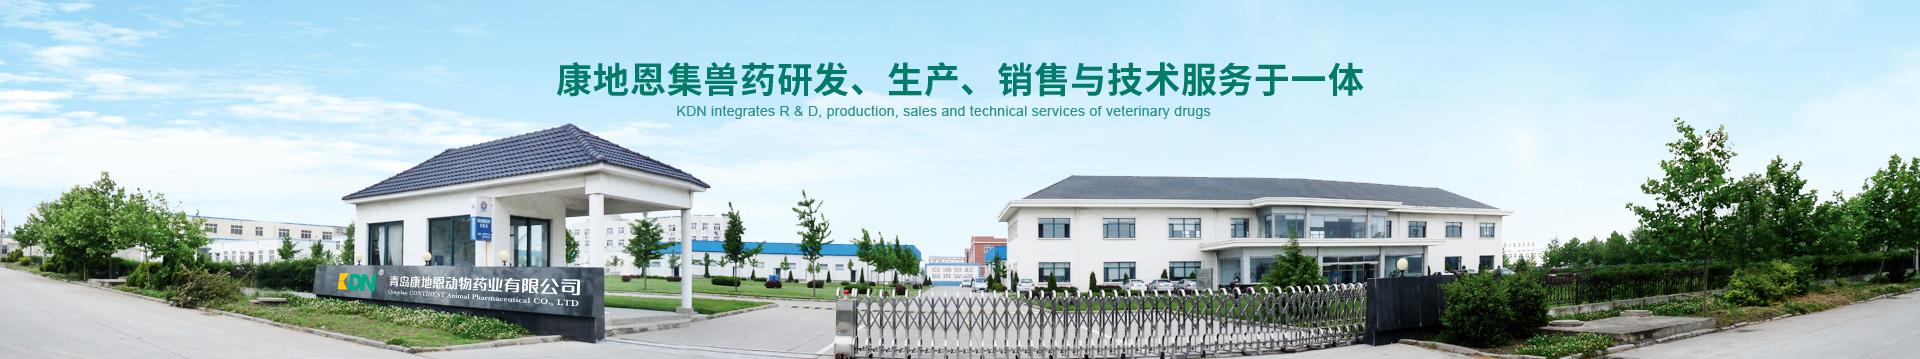 康地恩,集兽药、研发、生产、销售与技术服务于一体